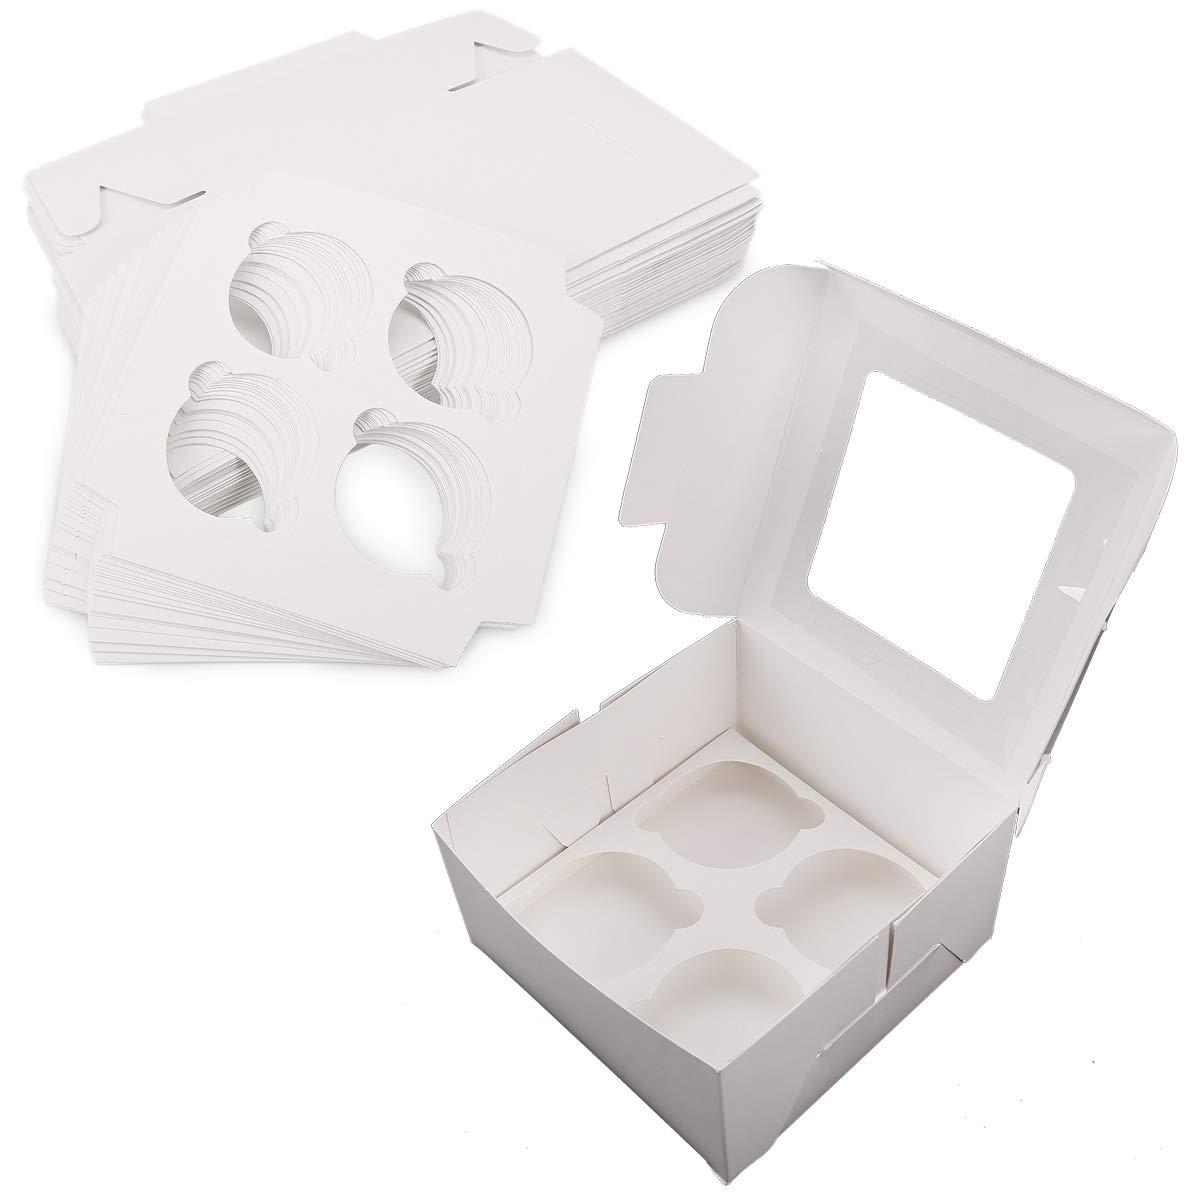 surepromise Lote DE 25 Cajas de Cartón para Repostería (Capacidad para 4 madalenas), Color Blanco: Amazon.es: Hogar